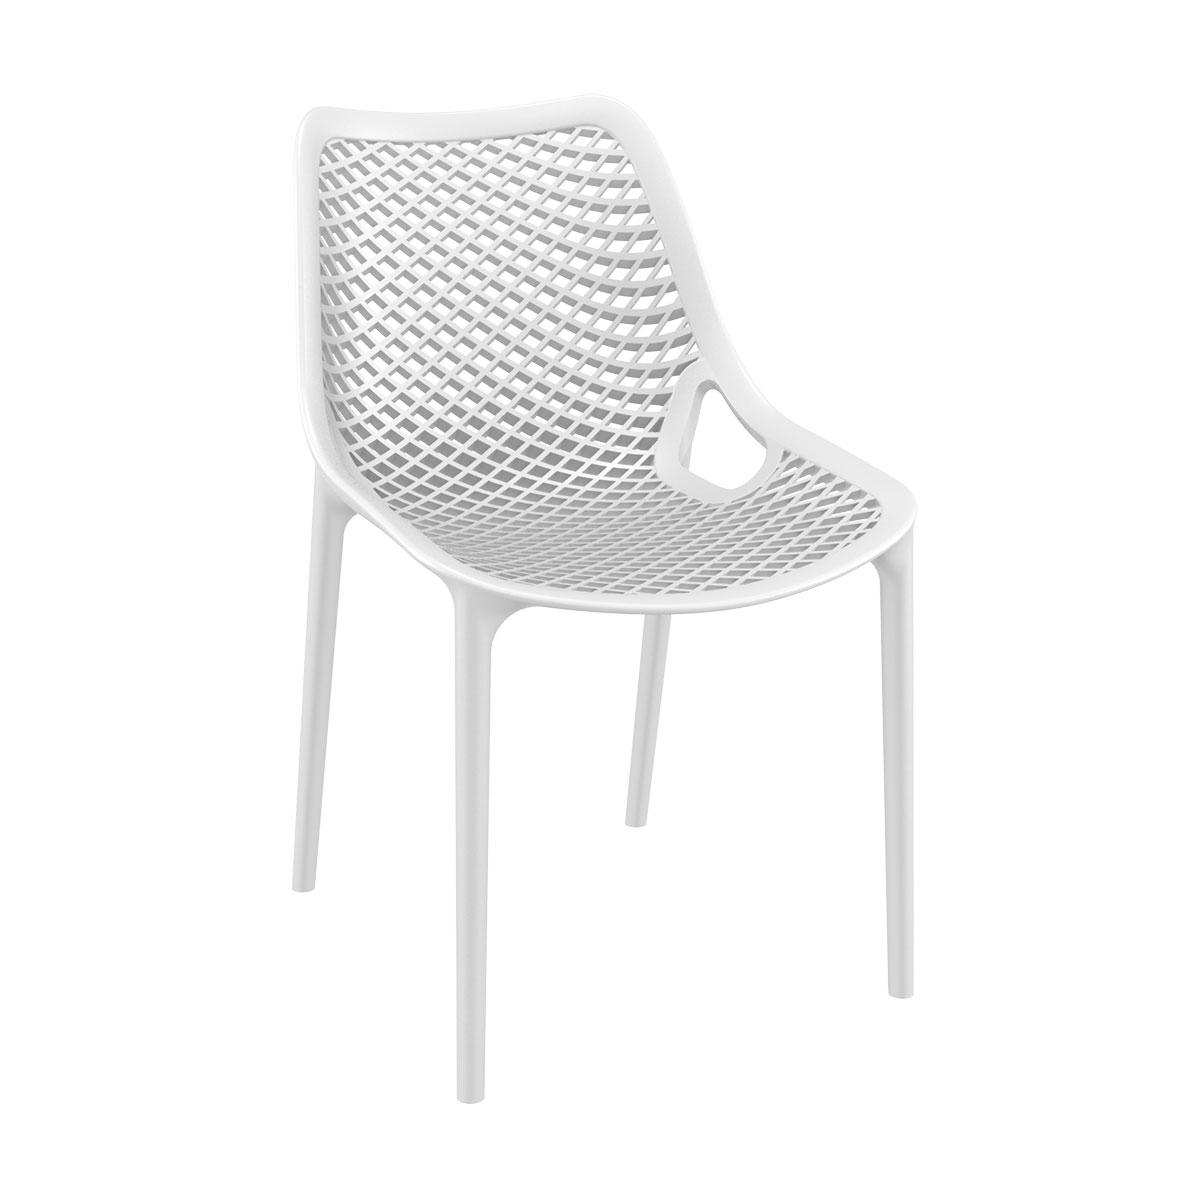 Chaise air blanc en polypropylène renforcé - siesta